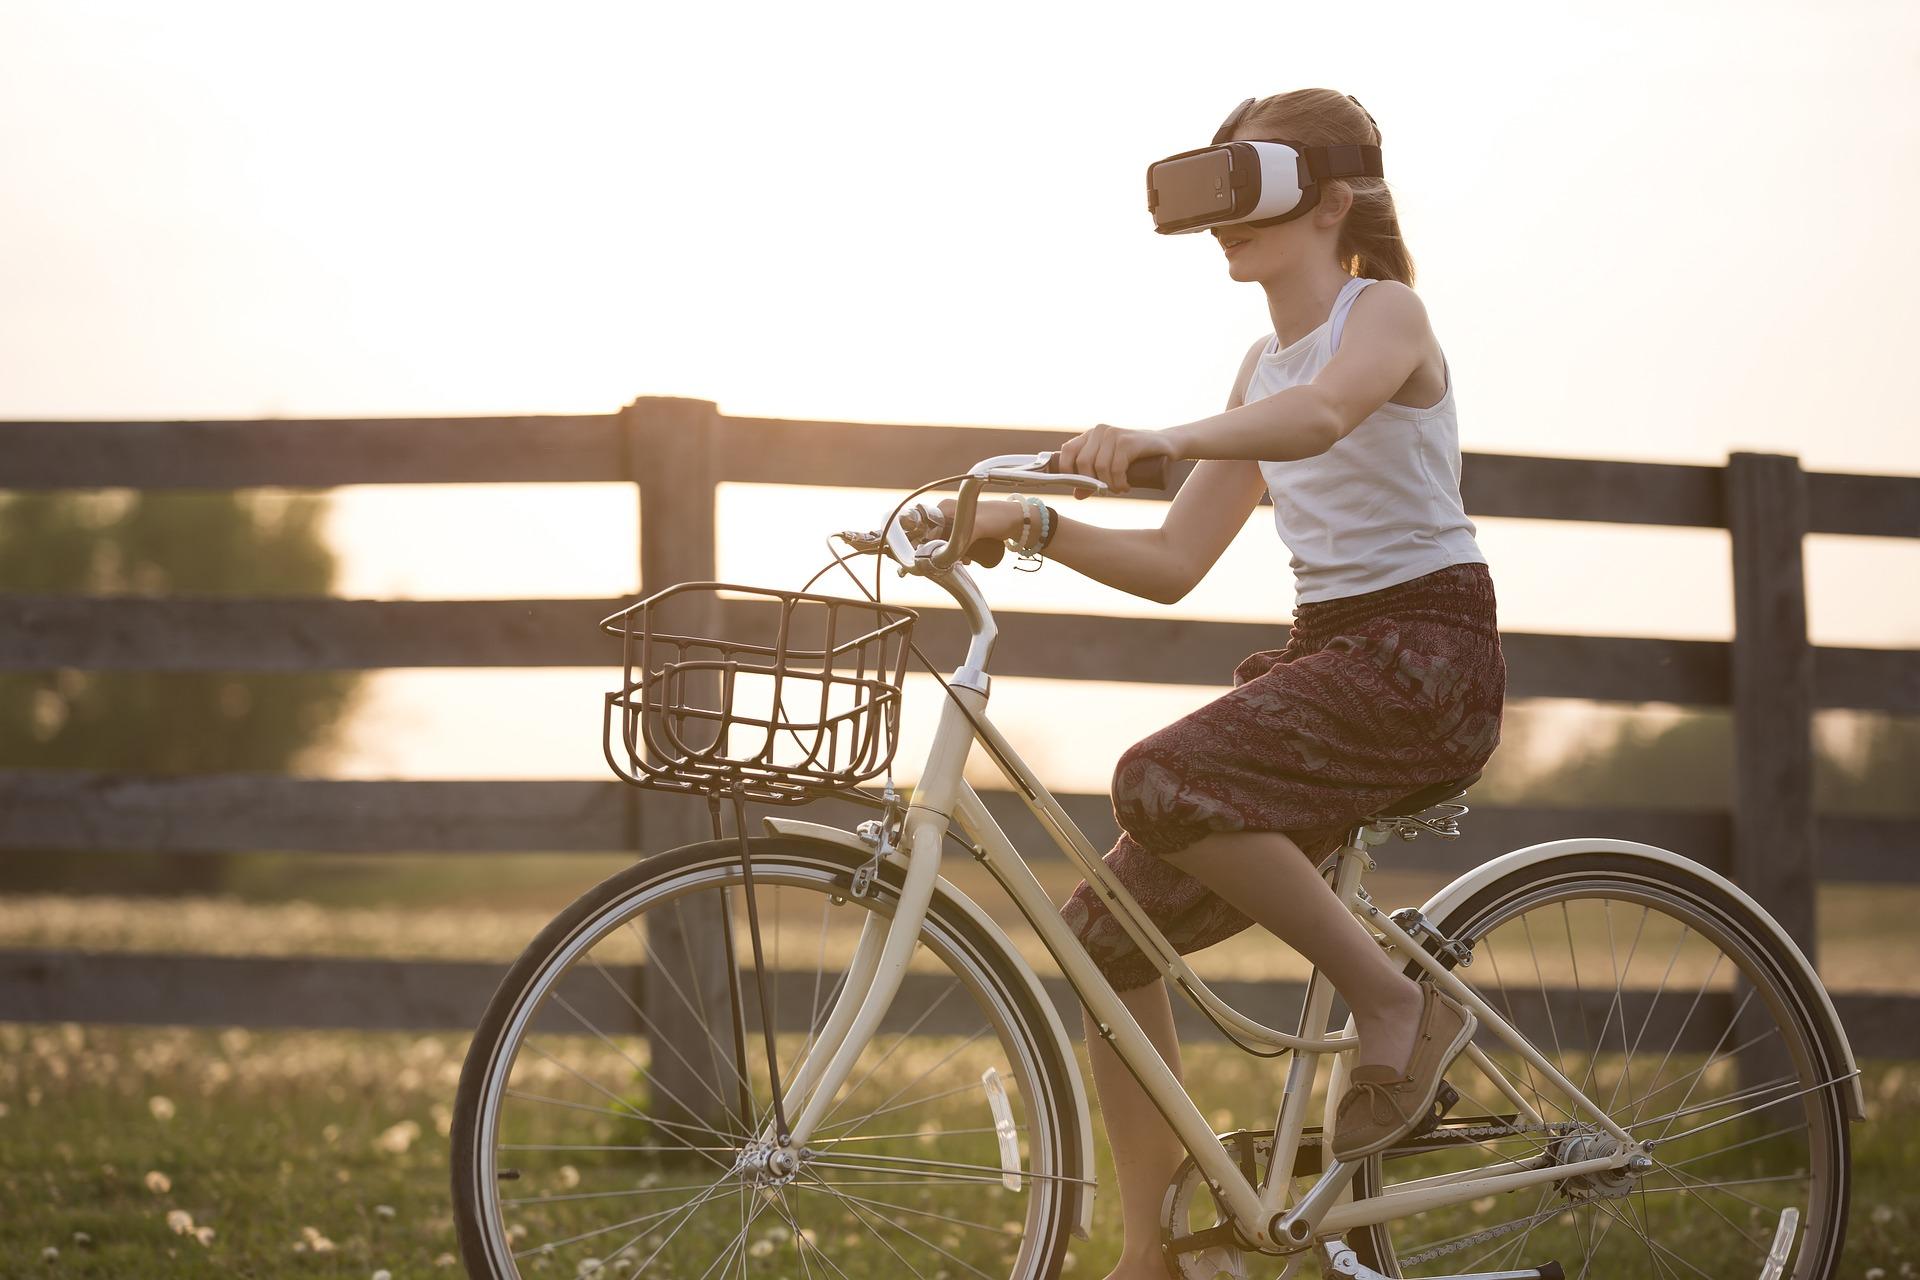 Réalité augmentée et réalité virtuelle: découvrez comment elles assurent le succès dans les entreprises